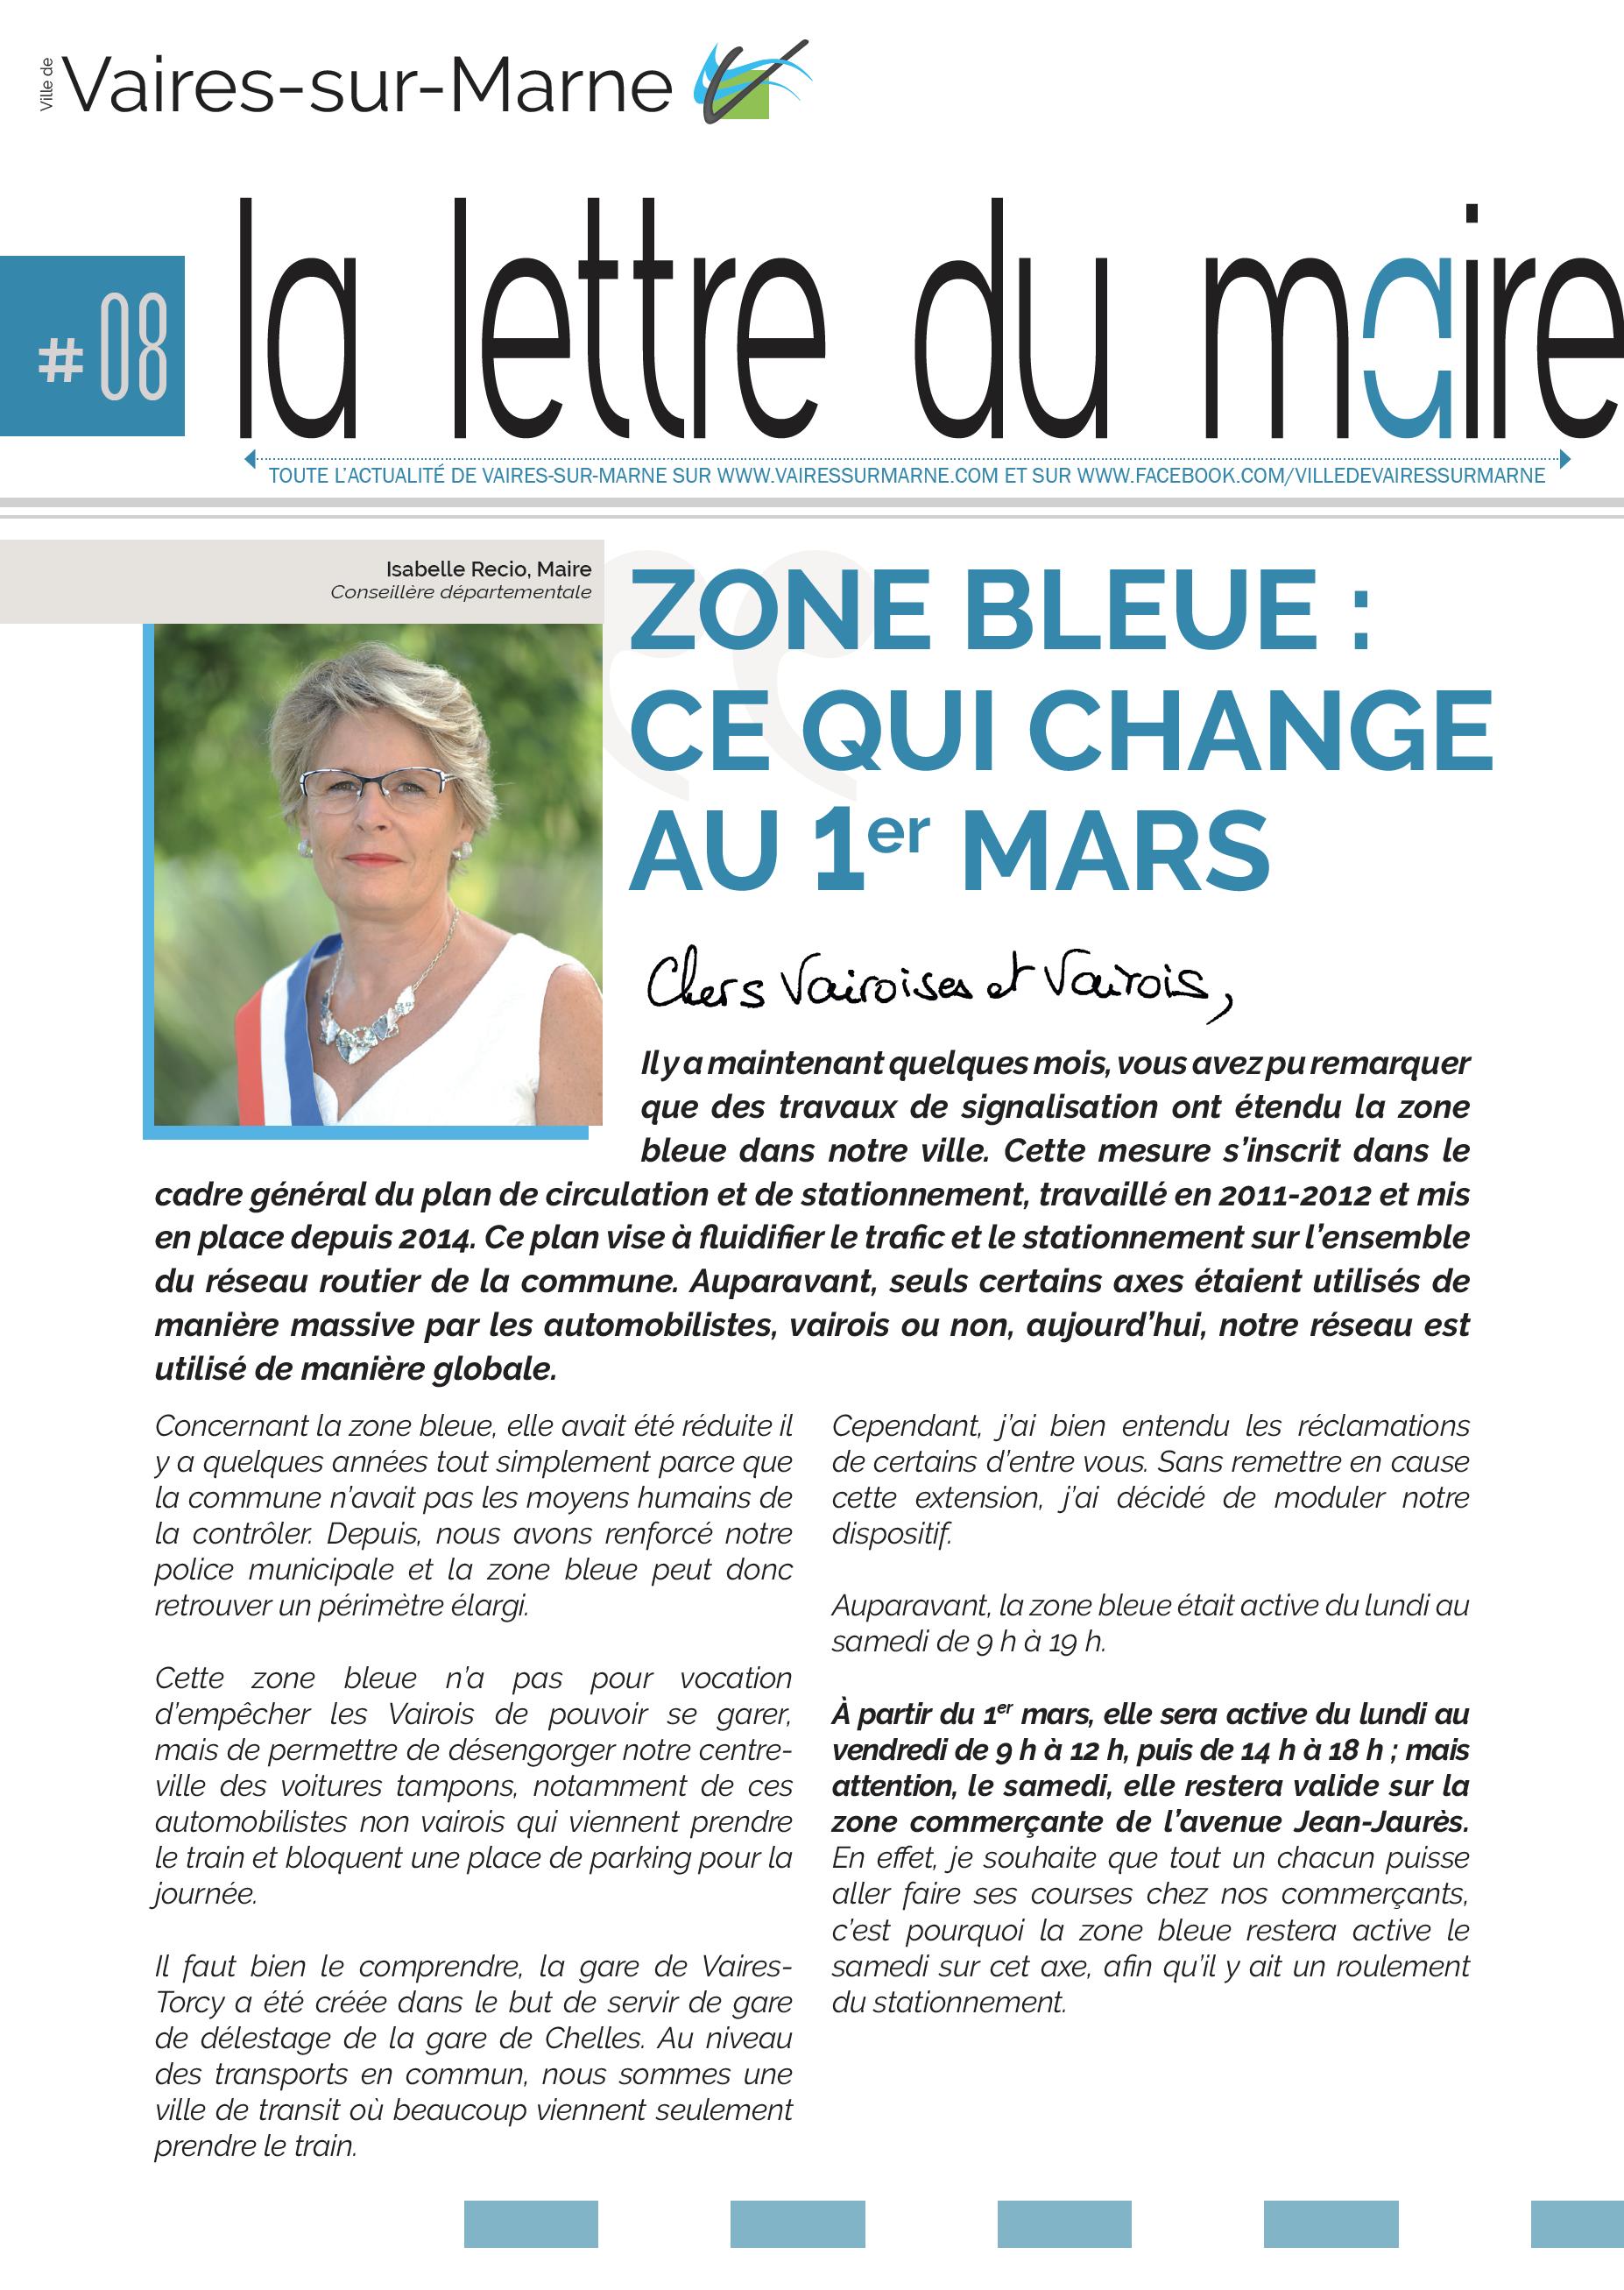 La Lettre du Maire #5 - Isabelle Recio, Maire